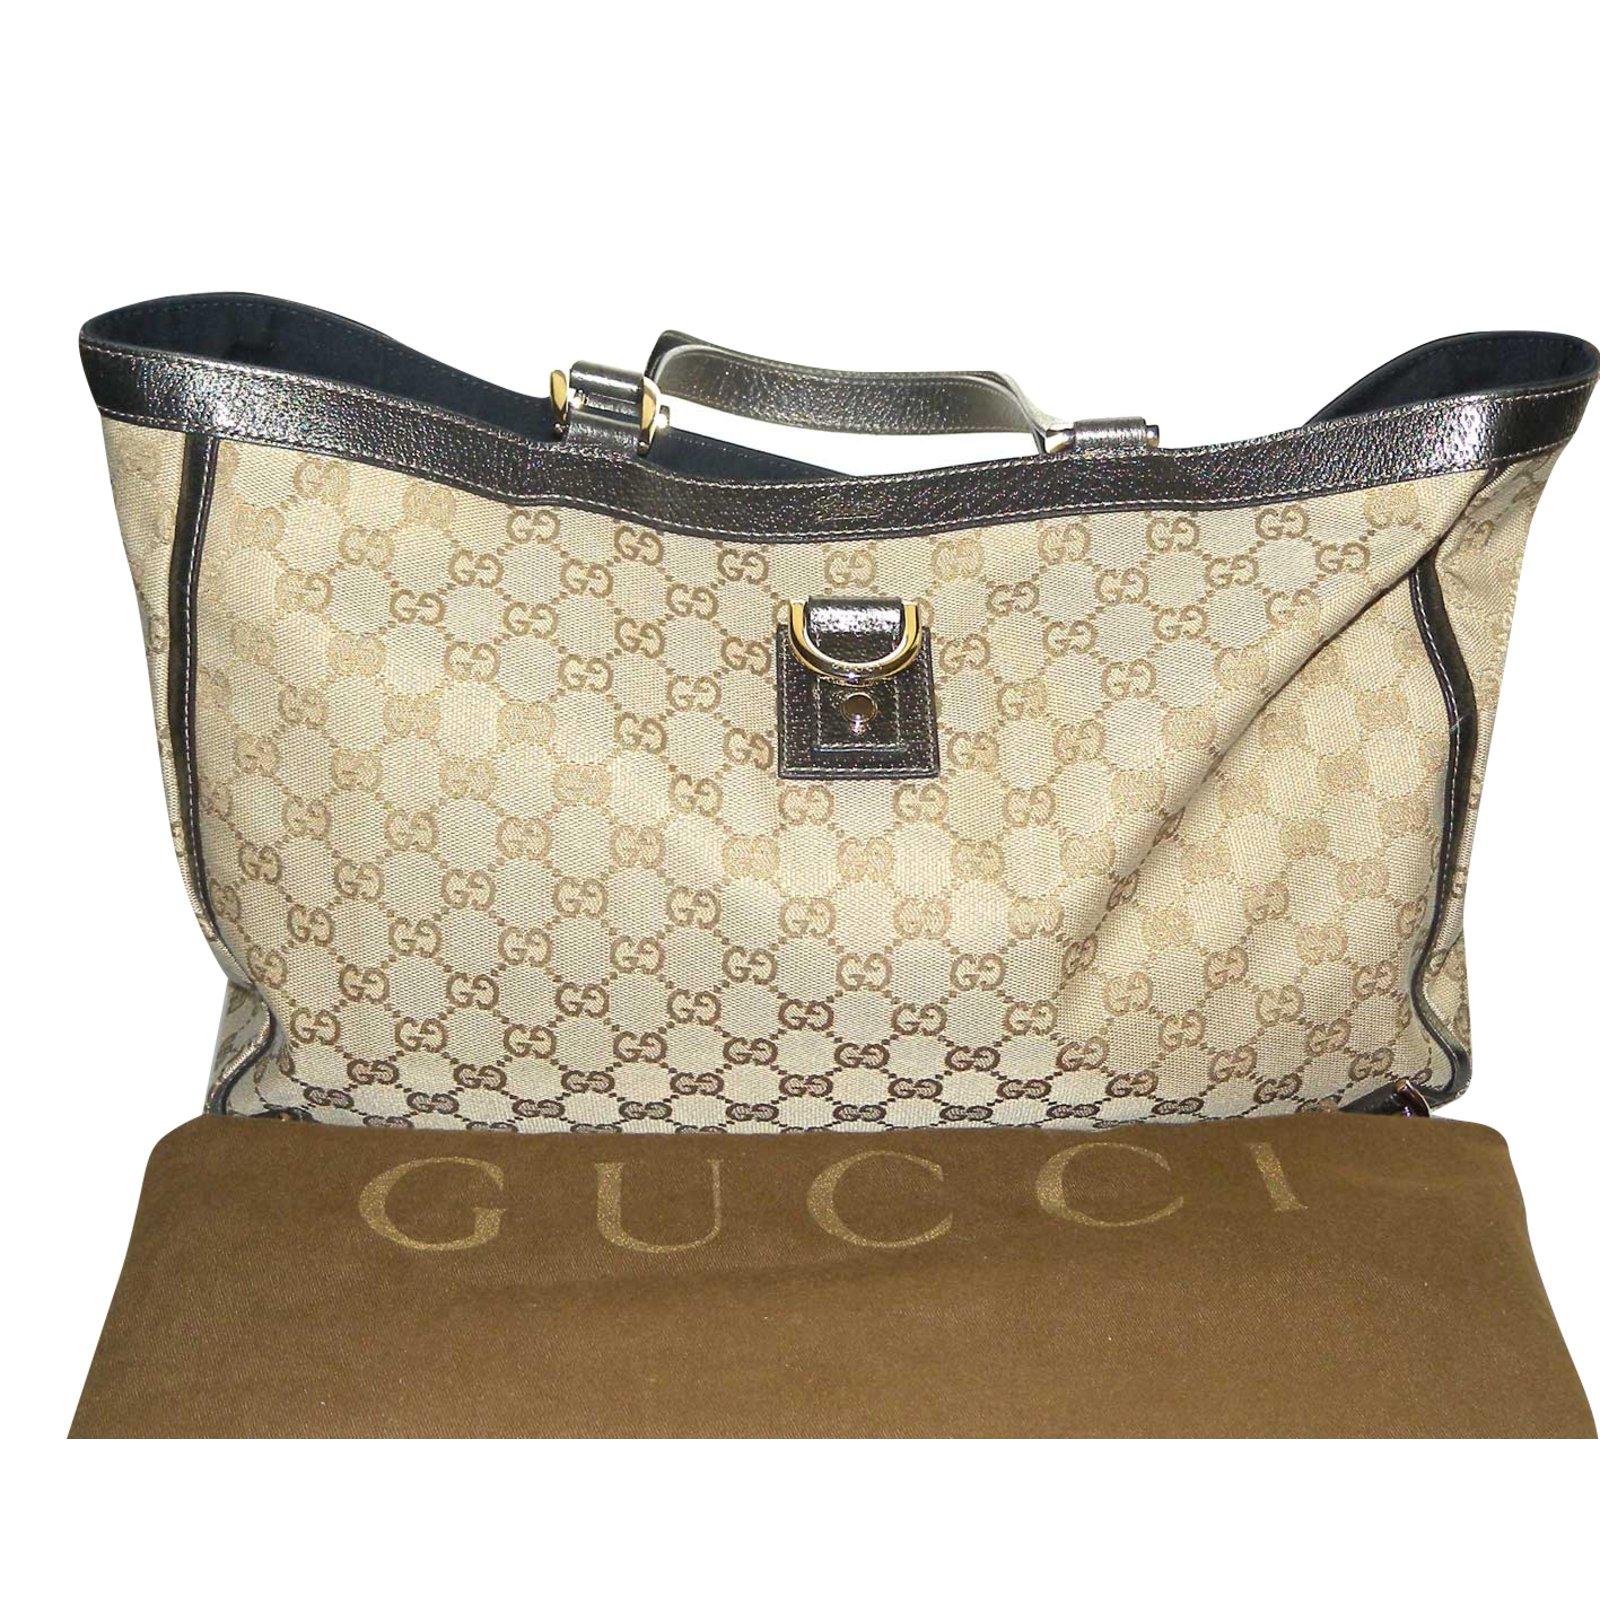 519e0b8646da Cabas Gucci Cabas en toile suprême crème et cuir gris irisé Cuir,Toile  Argenté,